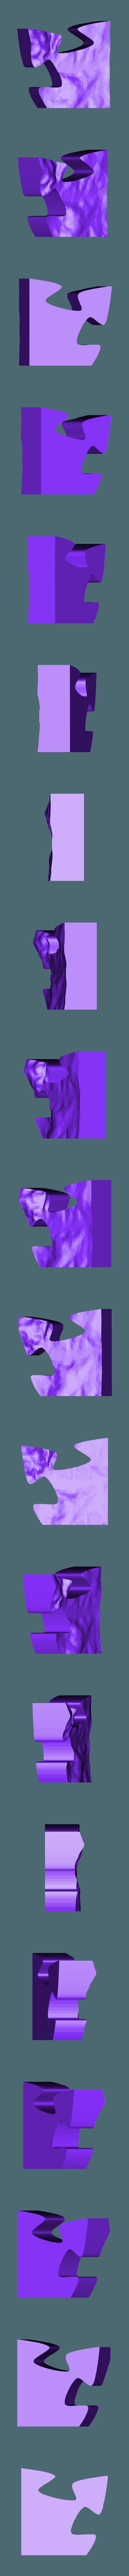 95.stl Télécharger fichier STL gratuit Echelle épique - Terrain - Zion NP • Objet à imprimer en 3D, TCP491016